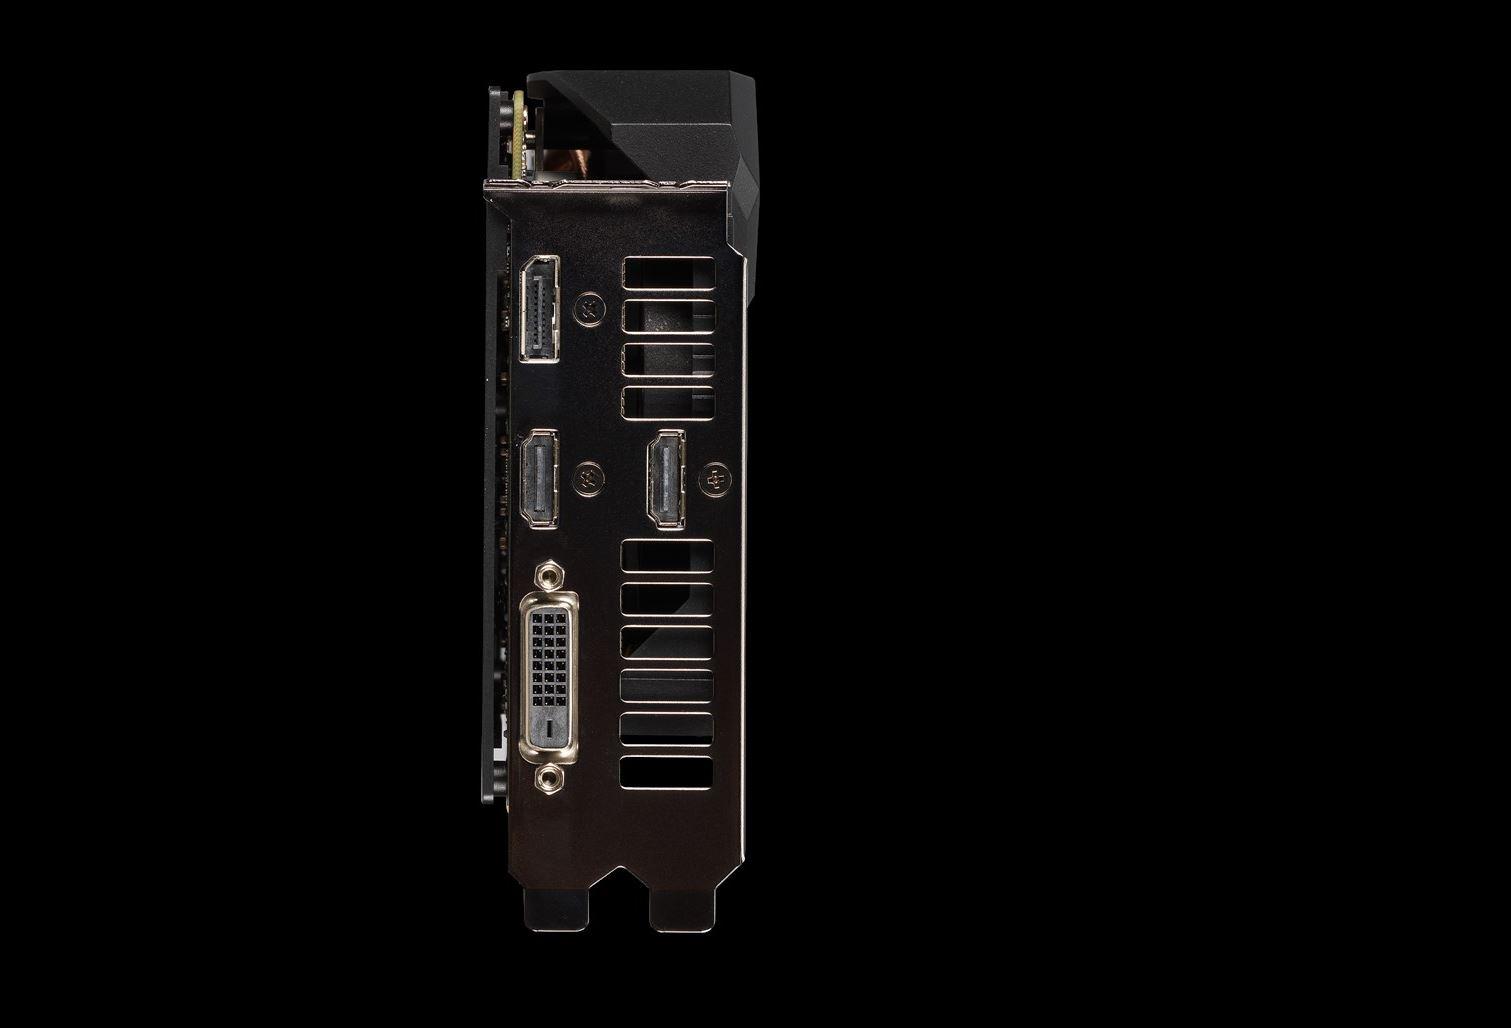 Debut VGA ASUS TUF Gaming Usung NVIDIA RTX 2060